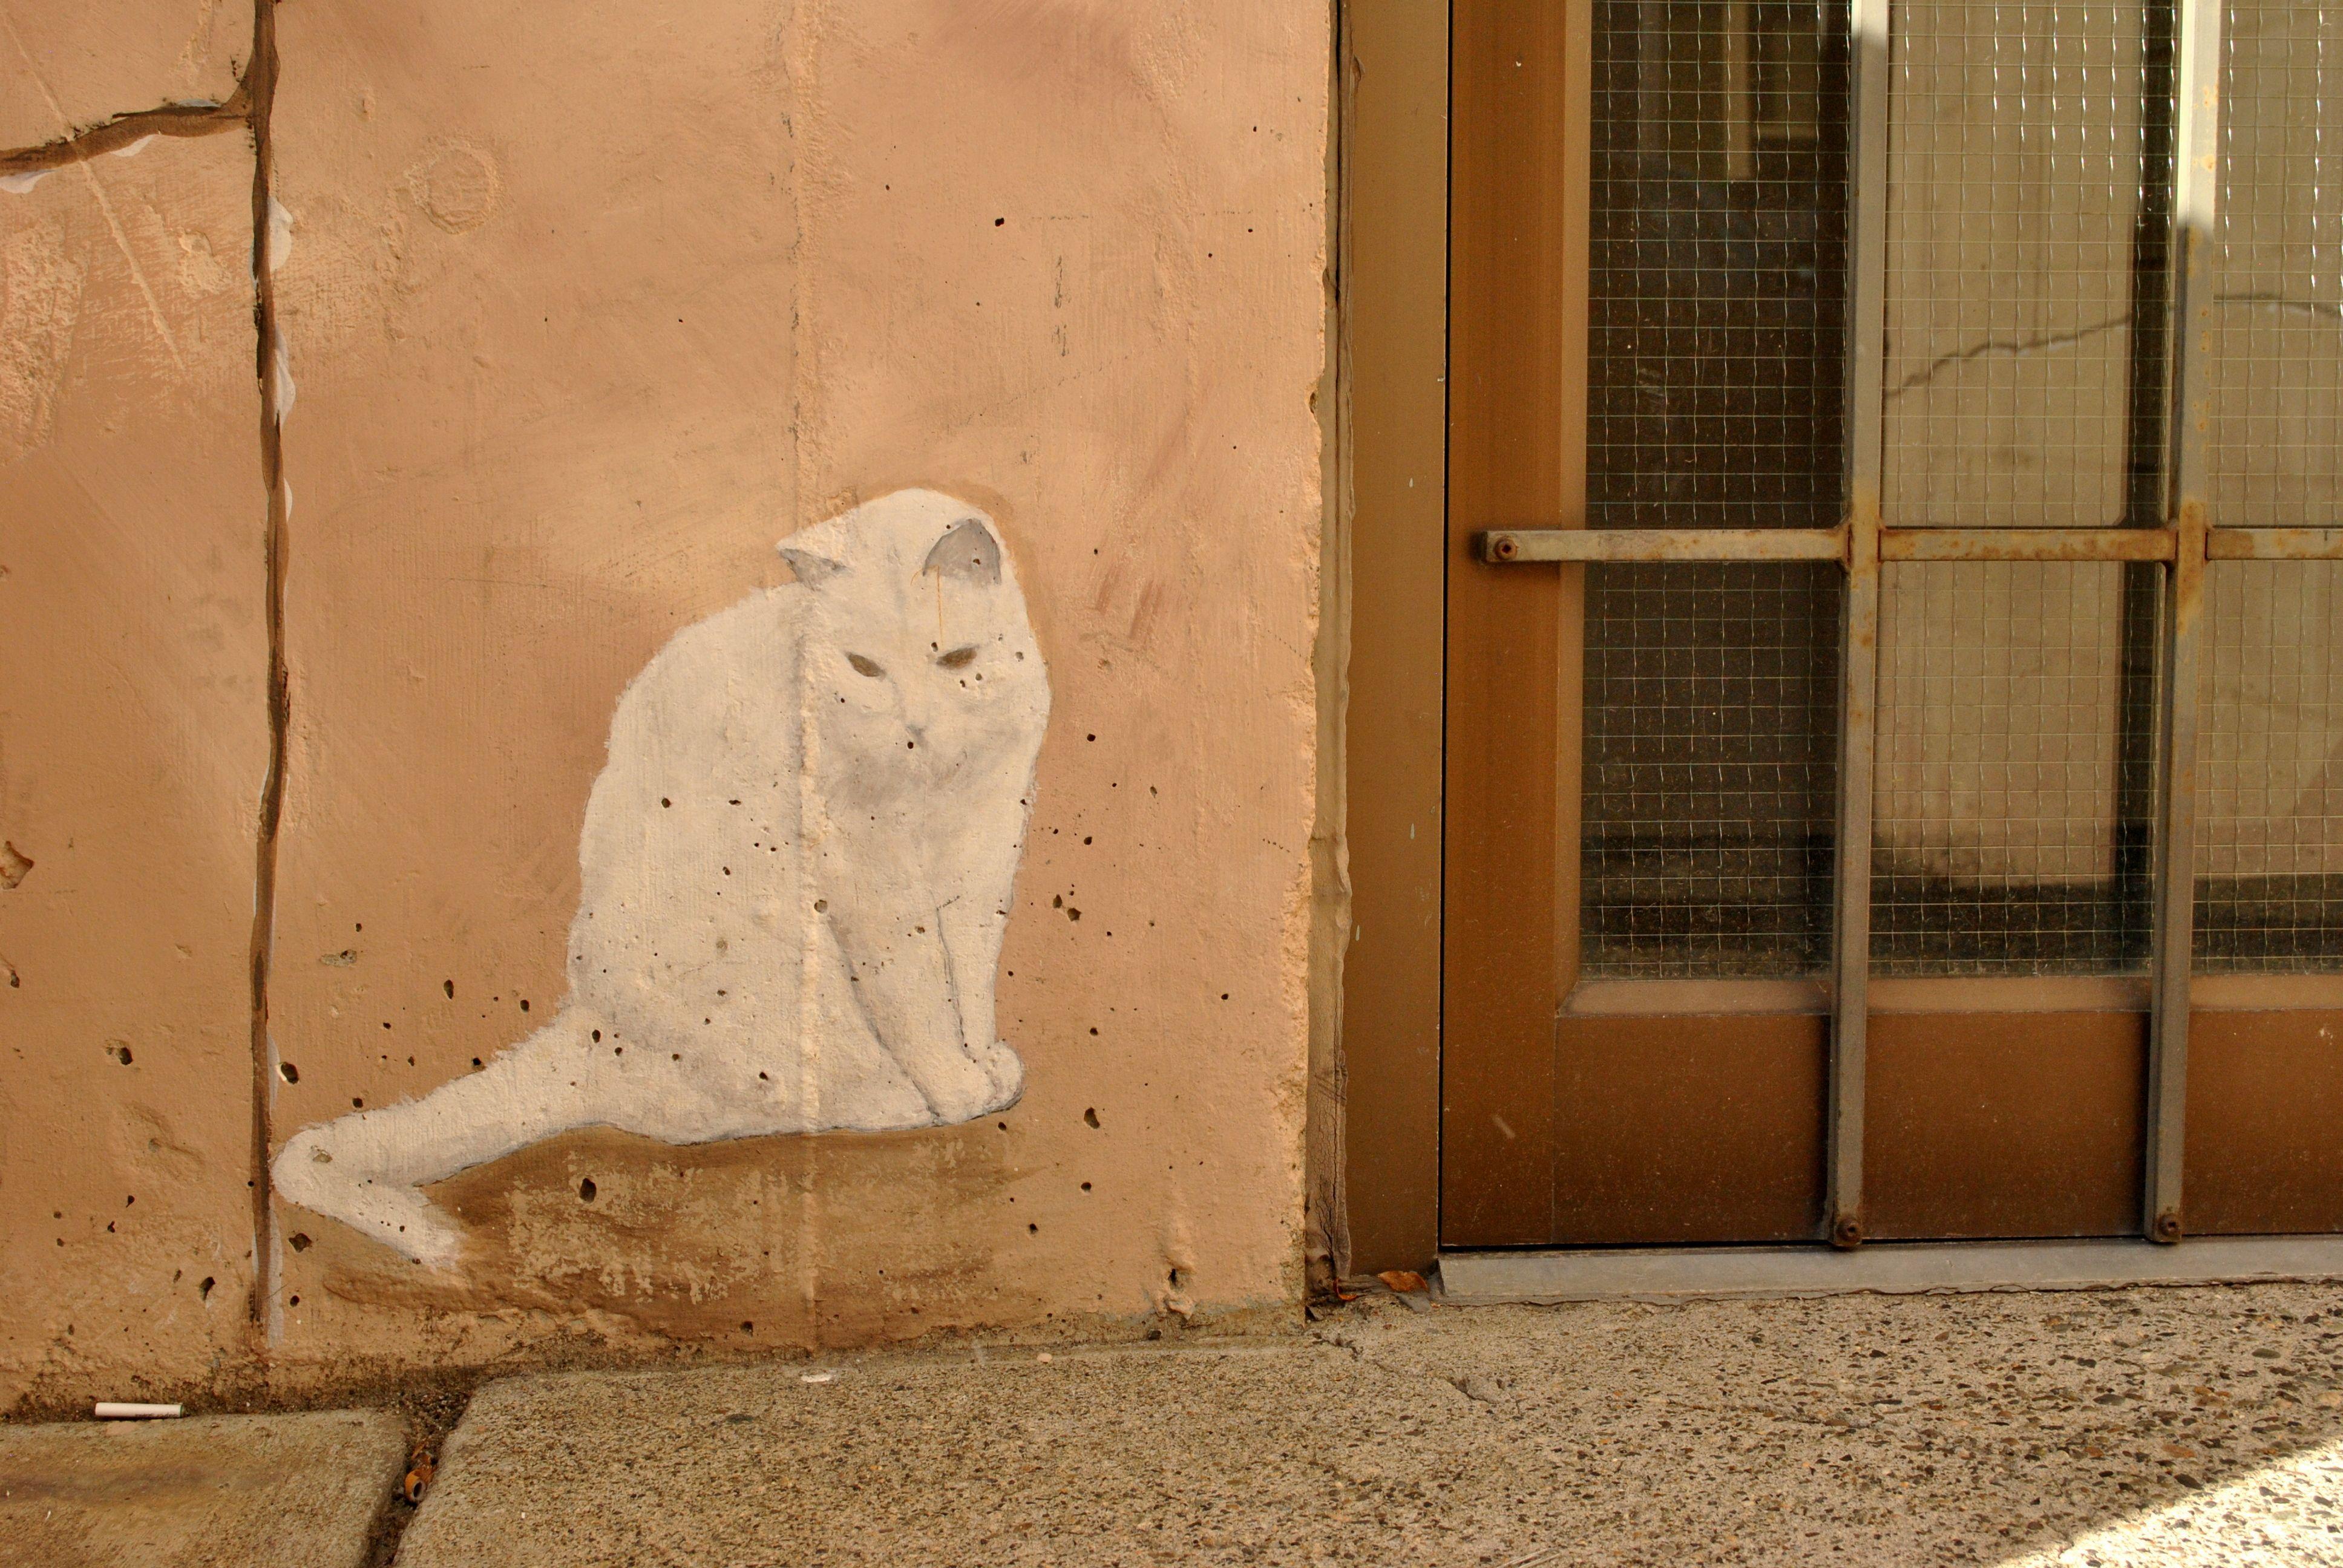 Alley cat. Kamloops, BC